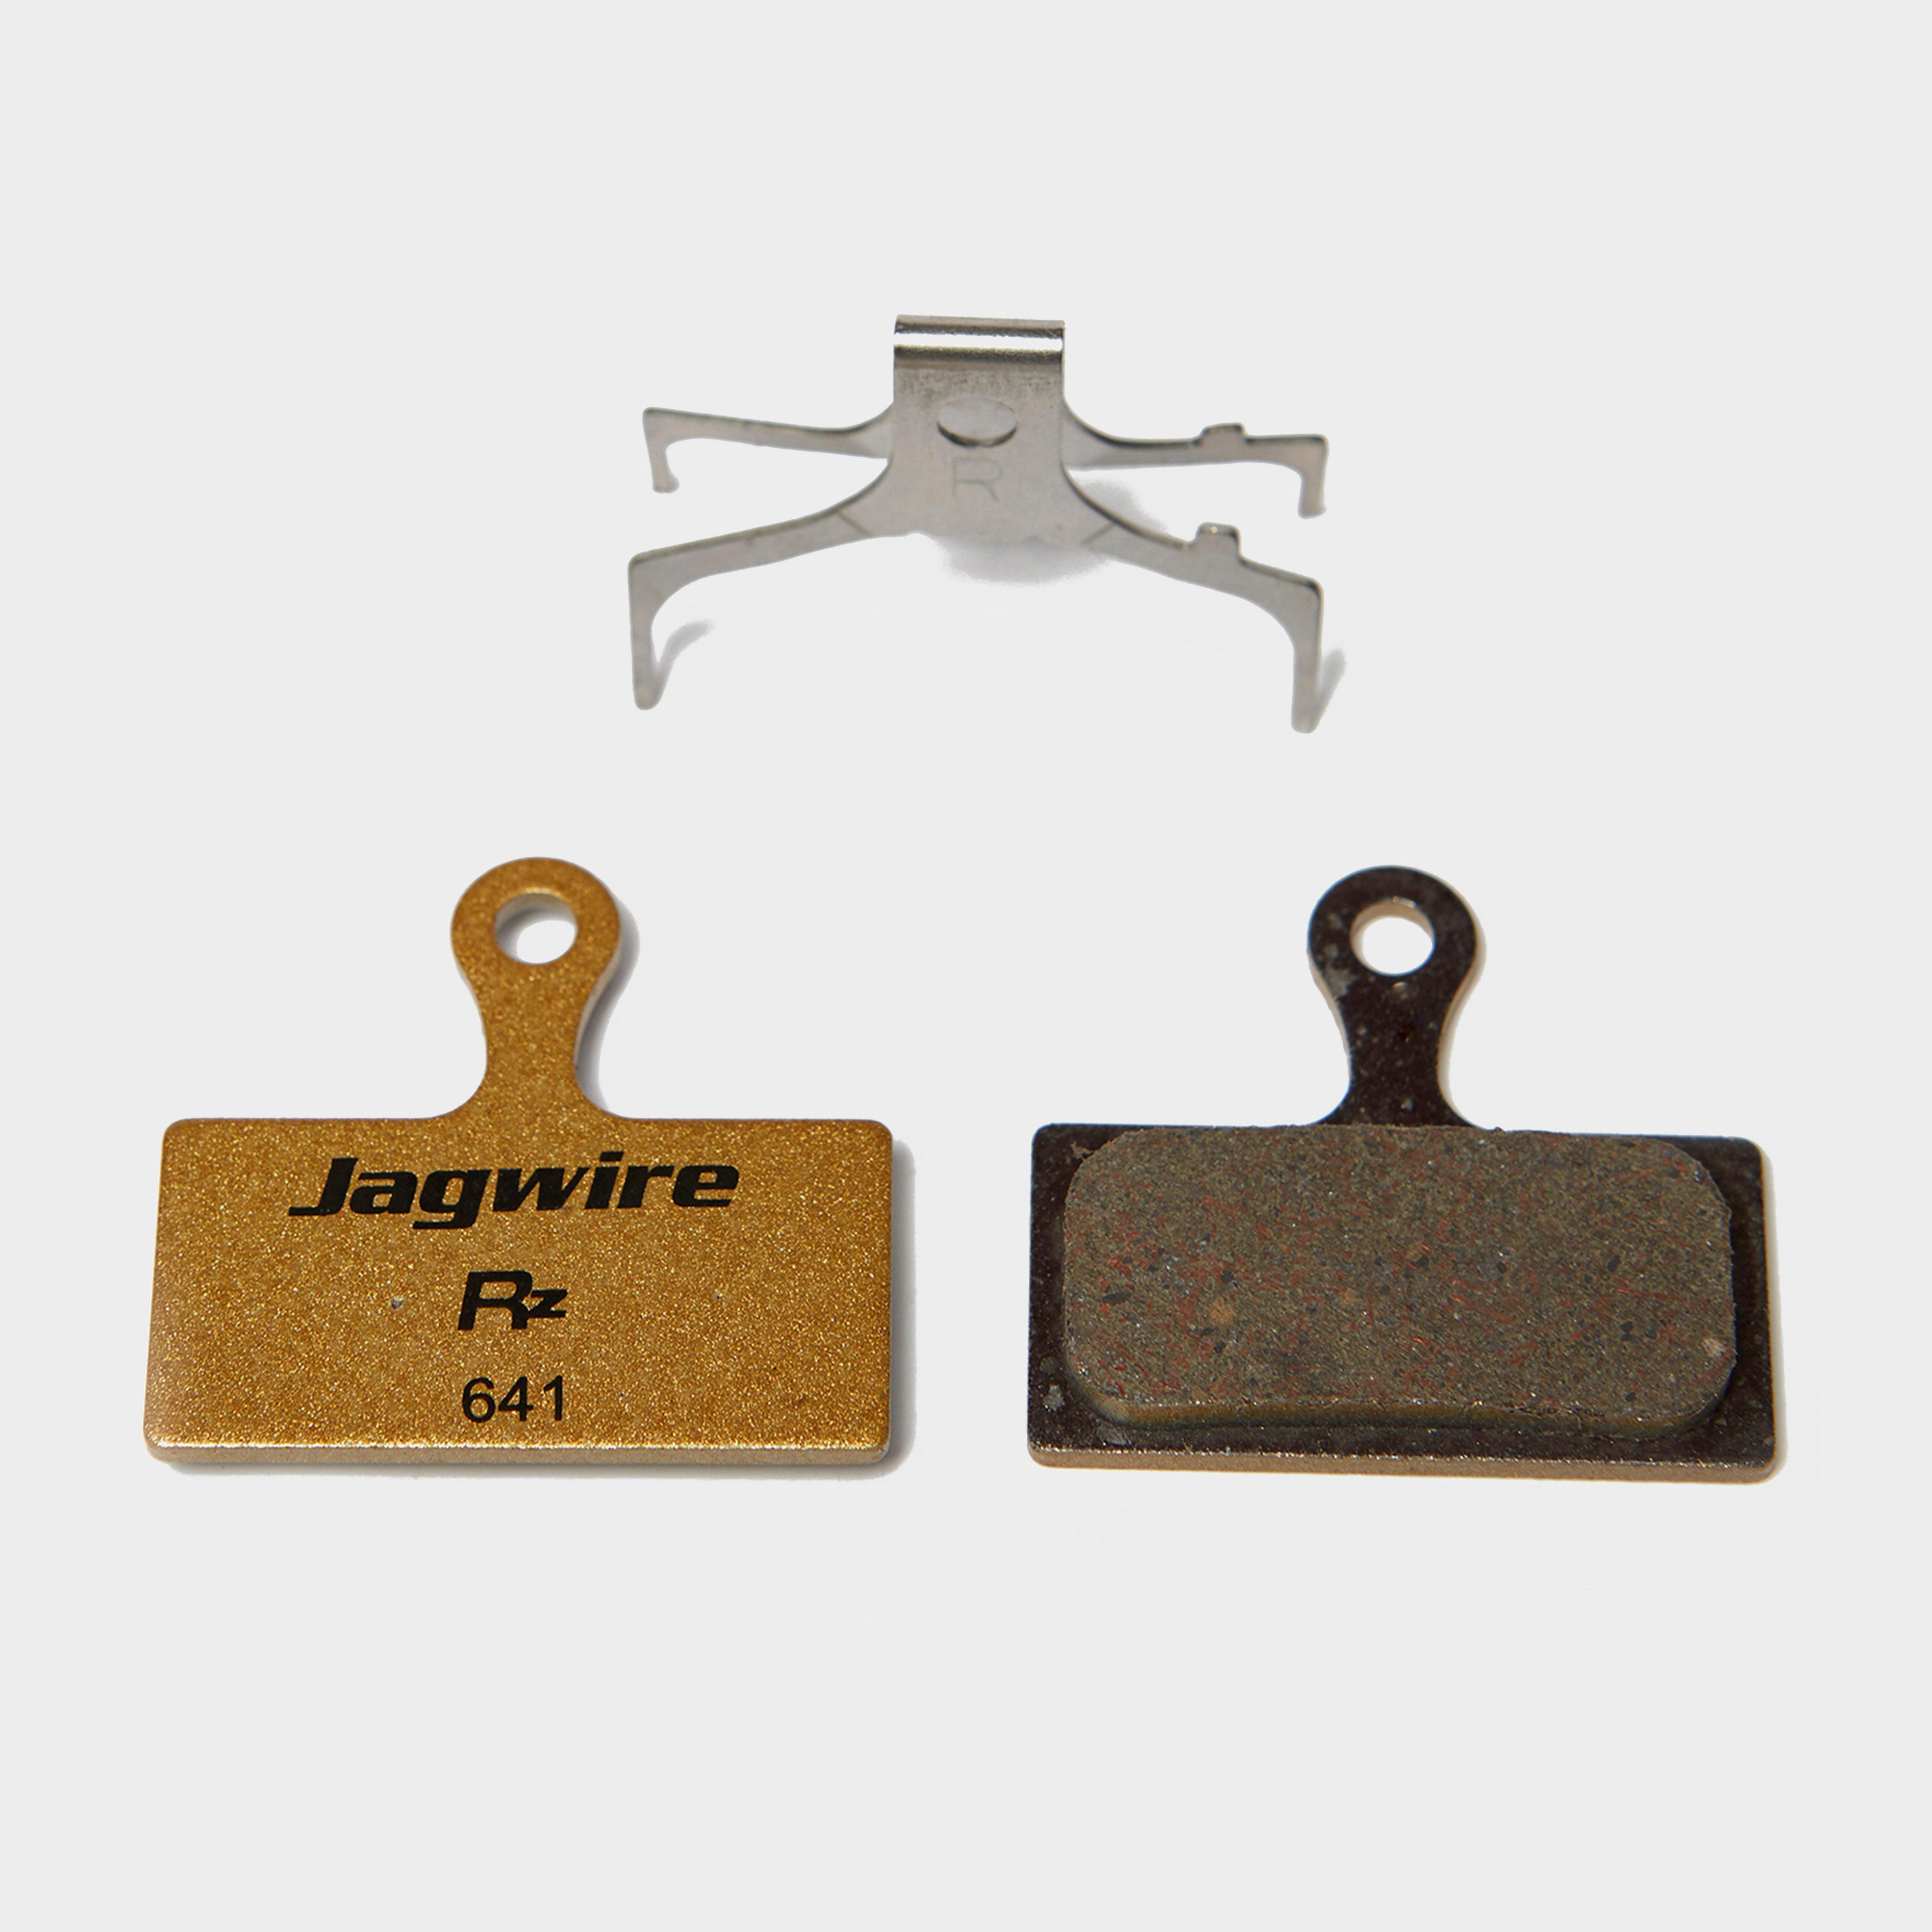 Jagwire Jagwire Shimano Mountain Pro Brake Pads - N/A, N/A